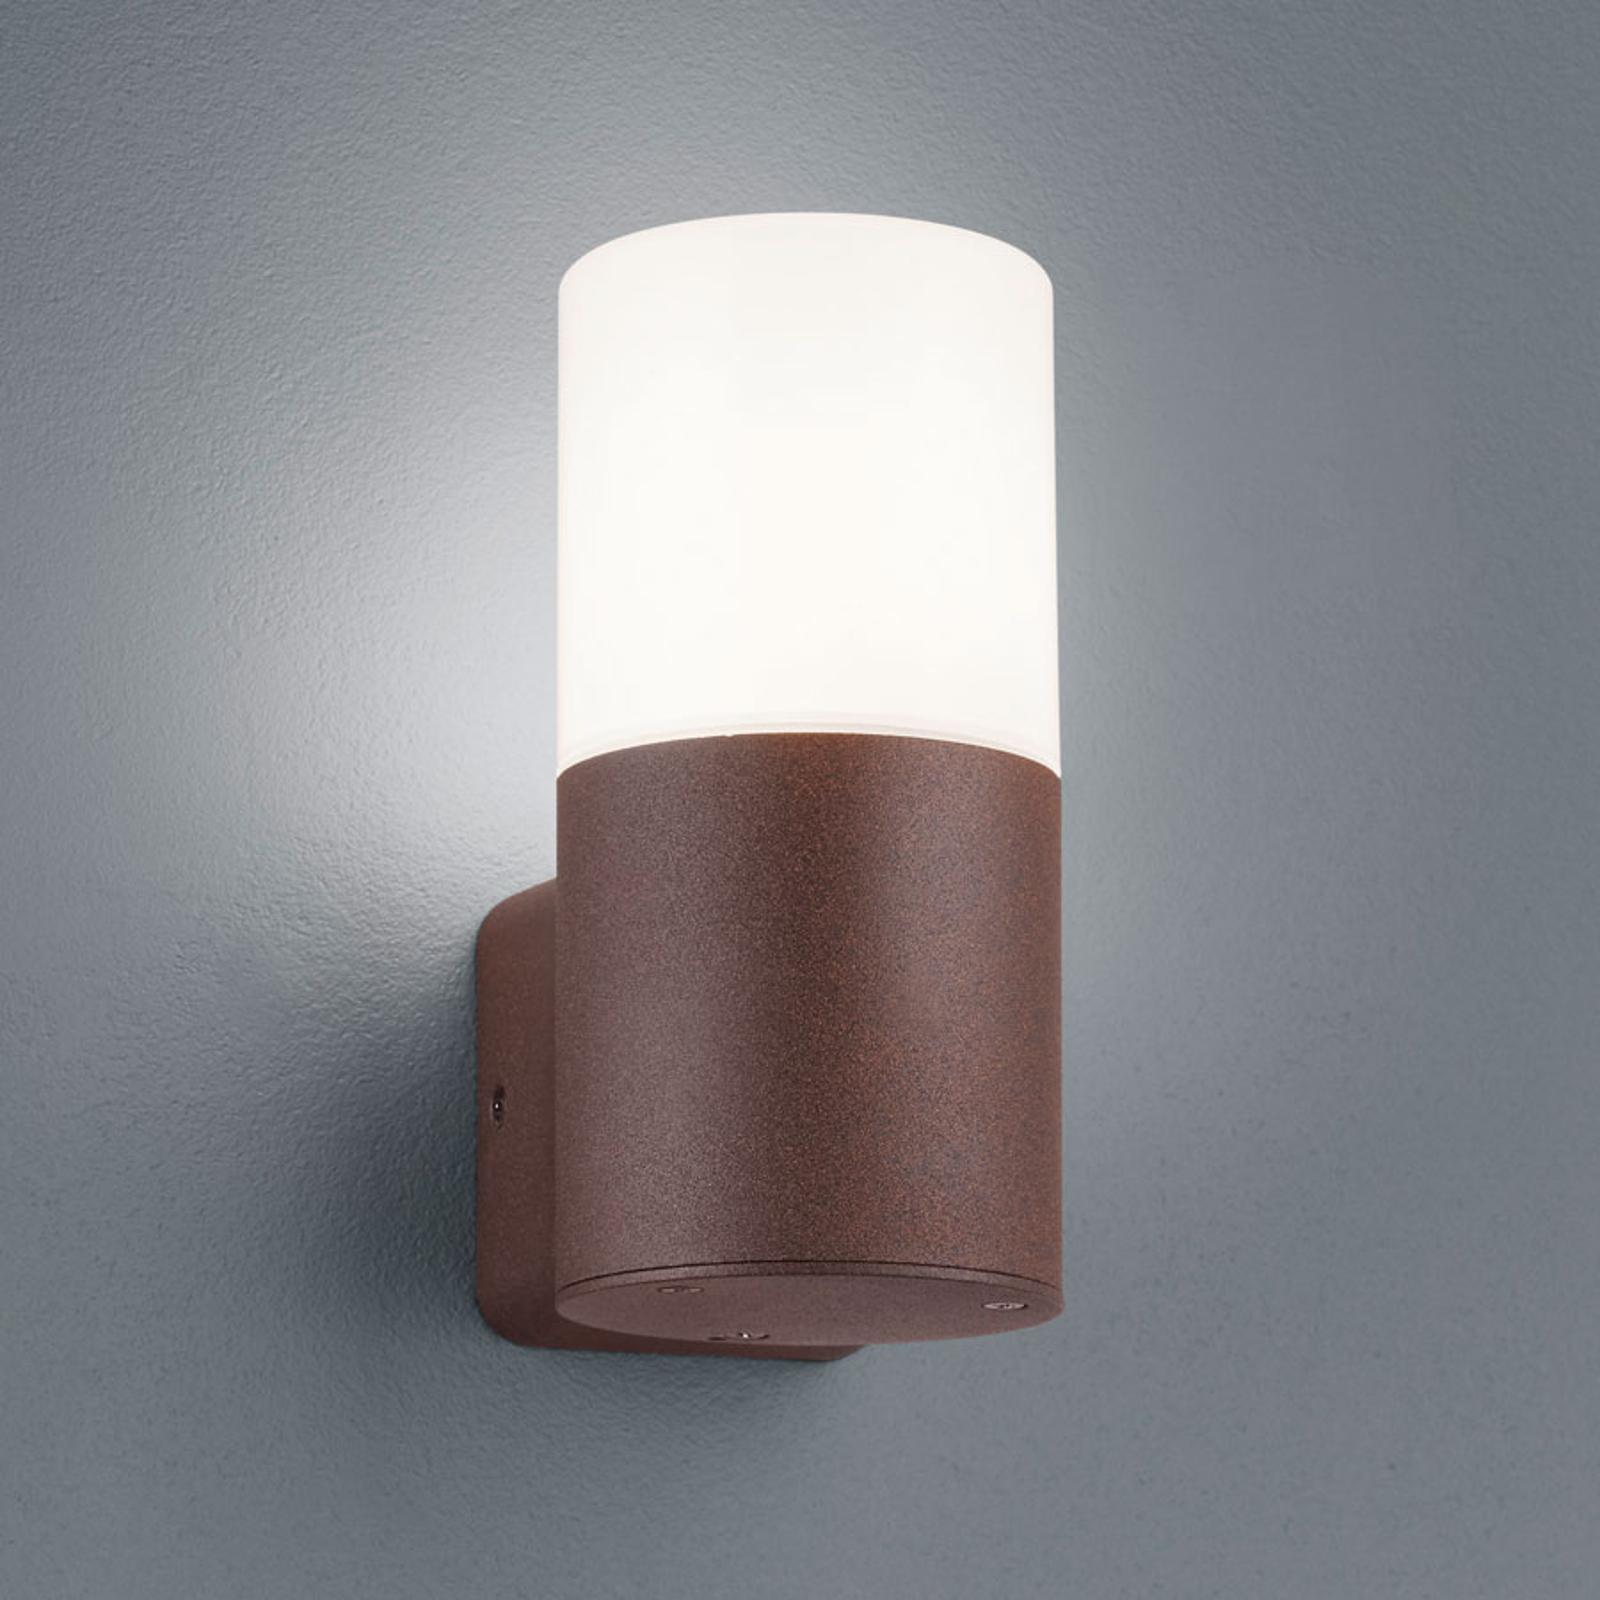 Udendørs væglampe Hoosic 1 lyskilde